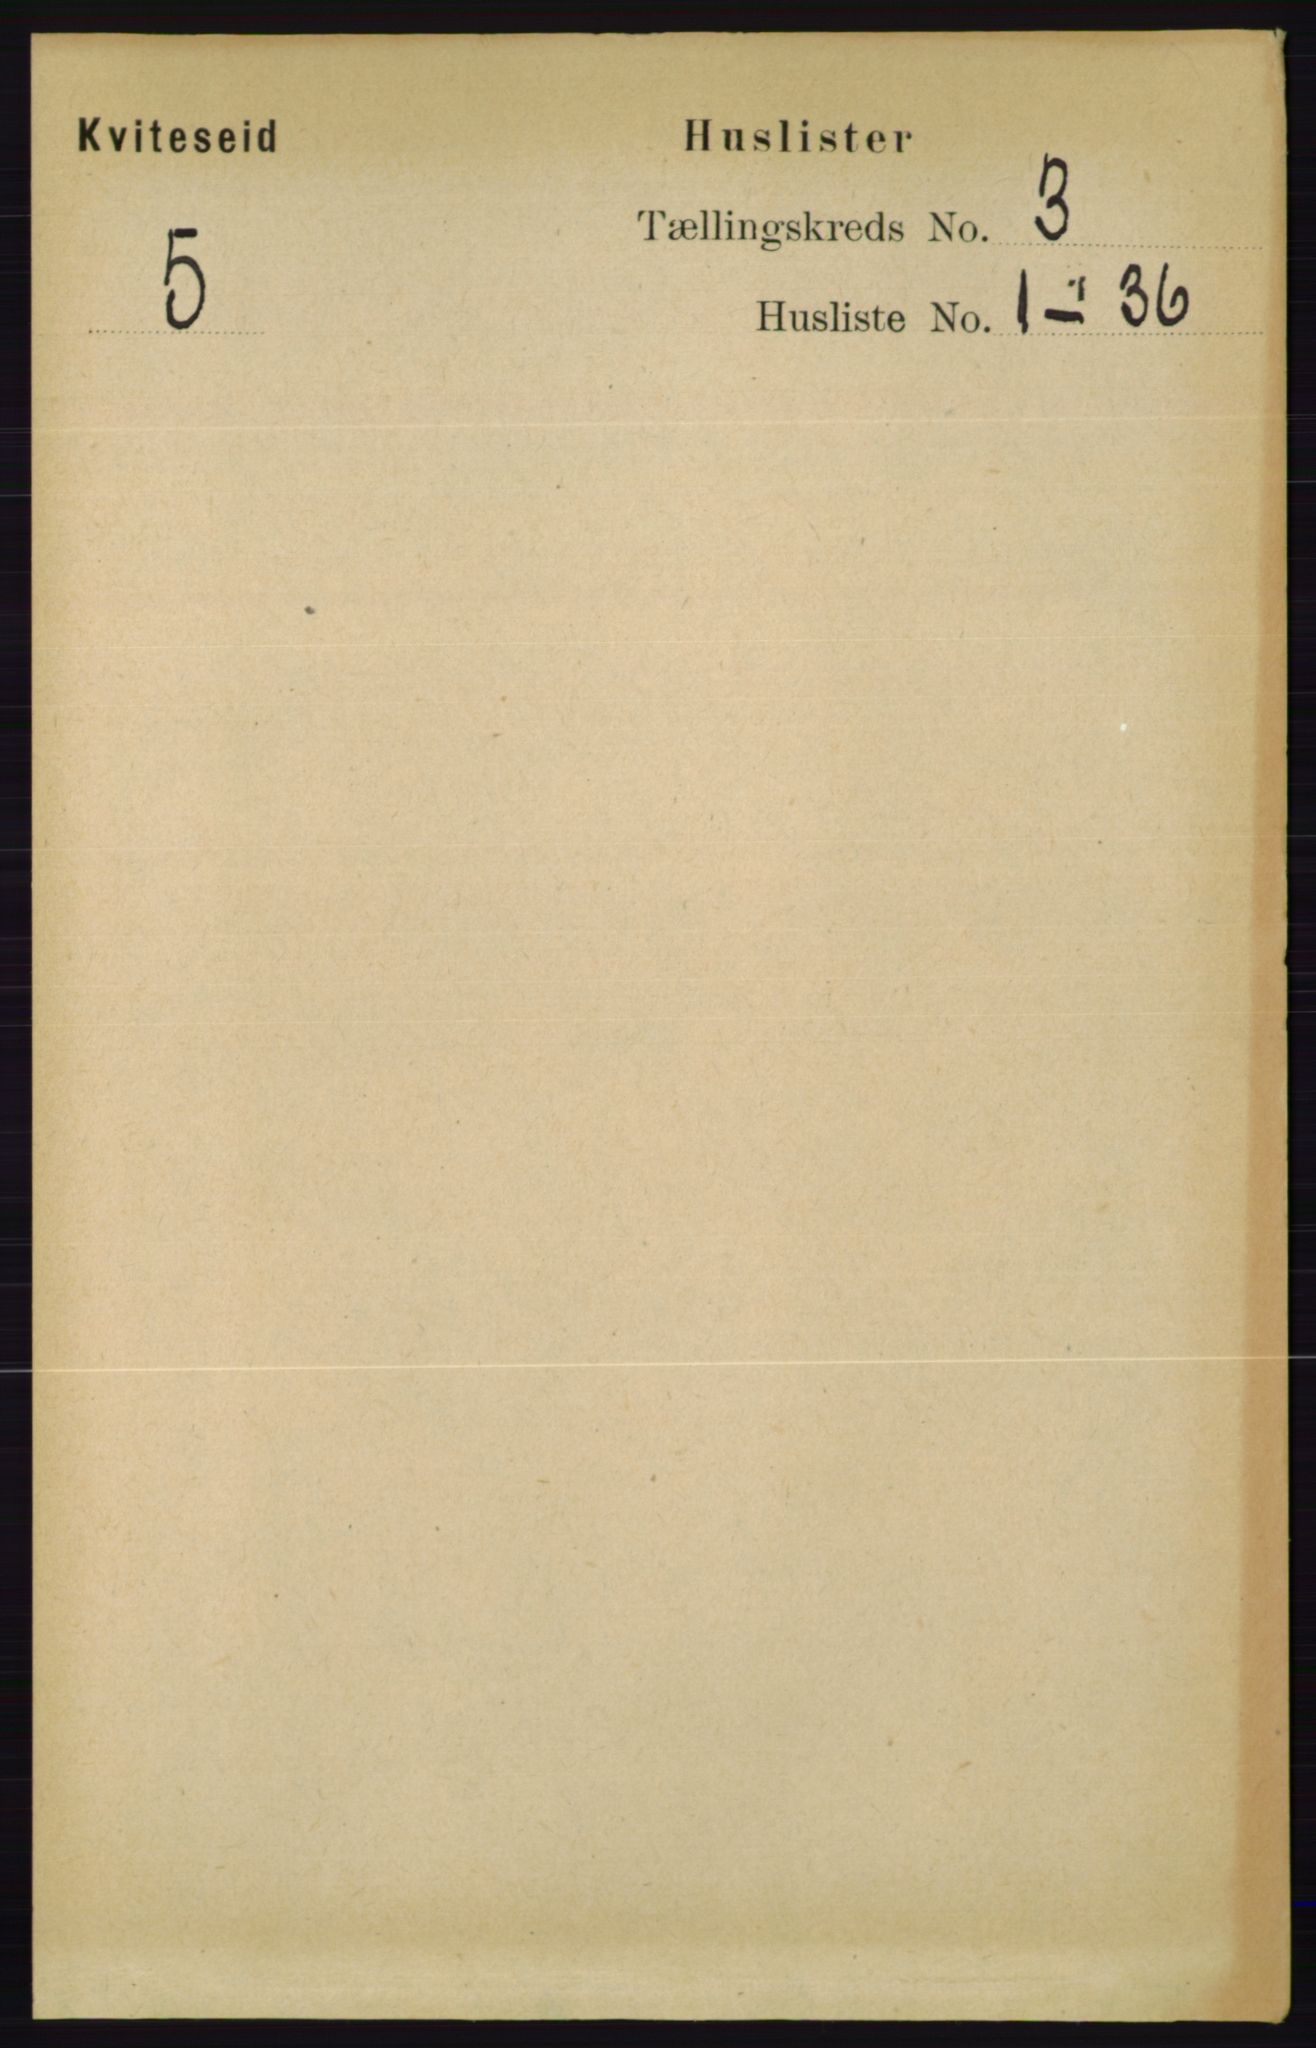 RA, Folketelling 1891 for 0829 Kviteseid herred, 1891, s. 462